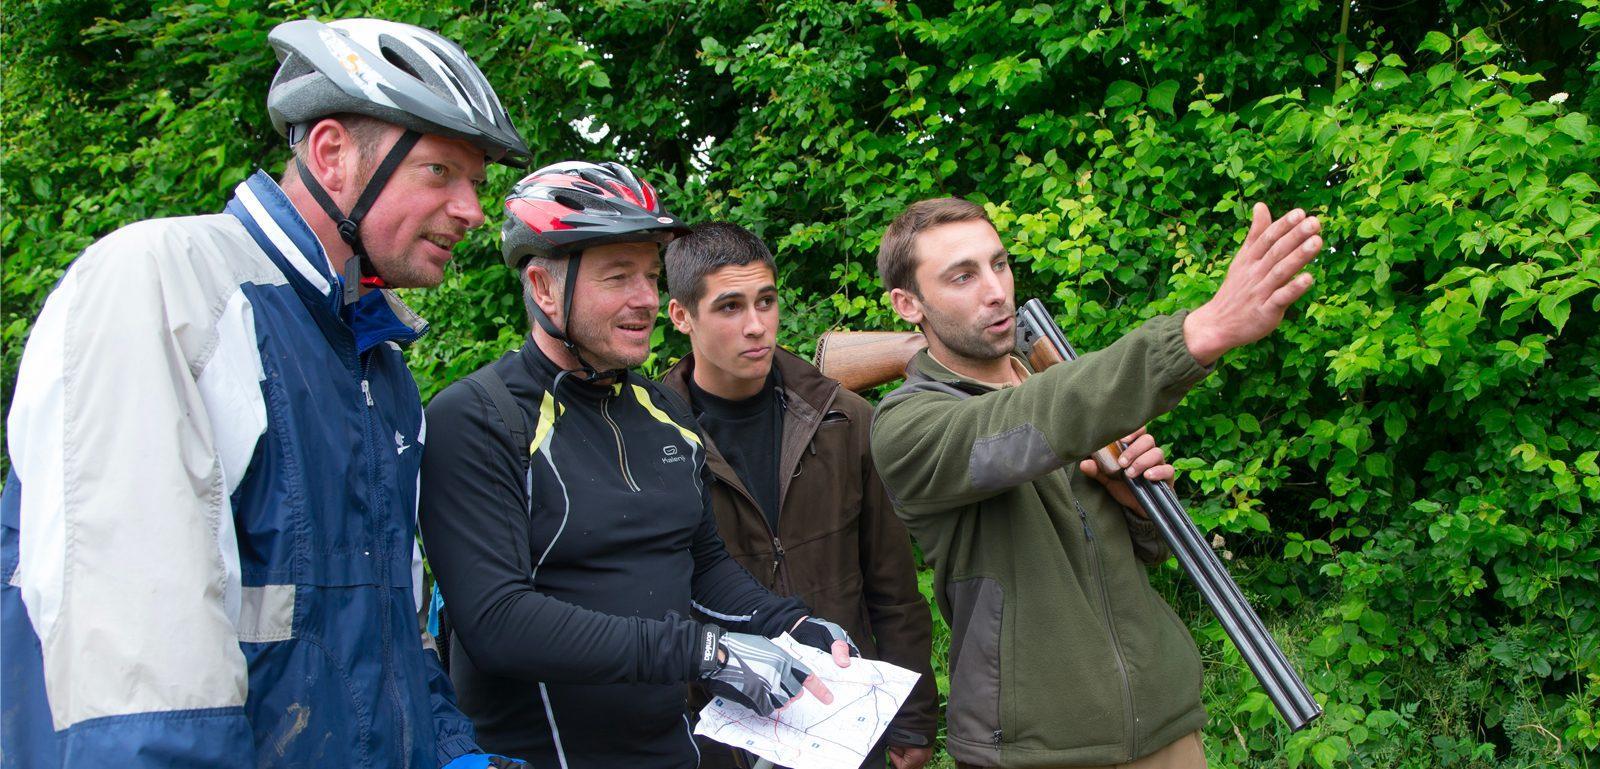 vélos promeneurs et chasseurs en foret